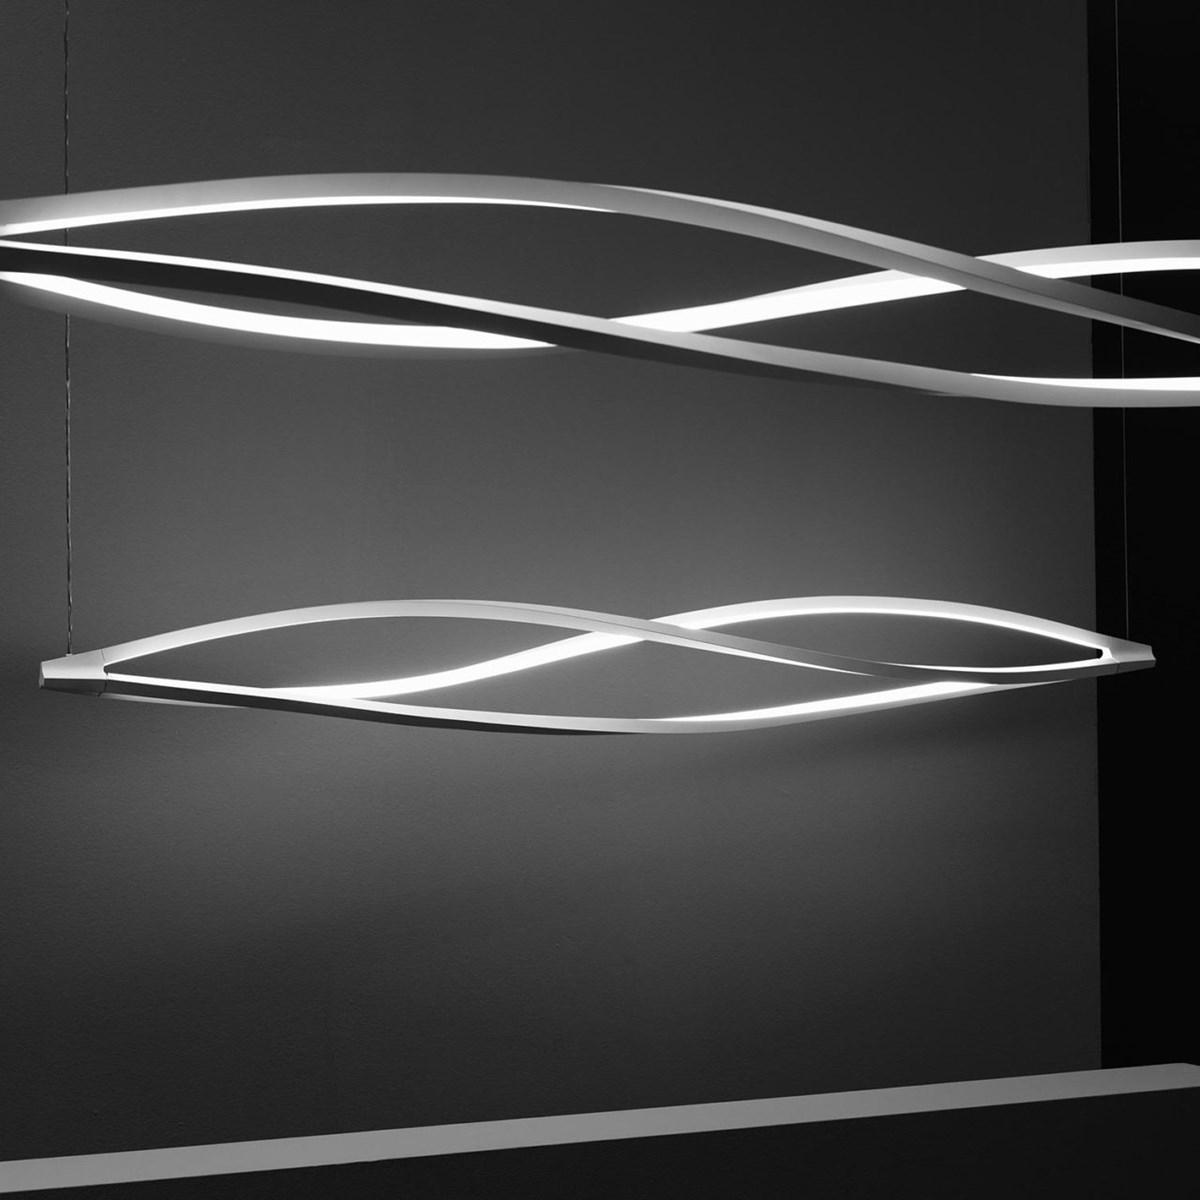 Nemo-Arihiro-Miyake-In-The-Wind-Horizontal-Pendant-Lamp-Matisse-4